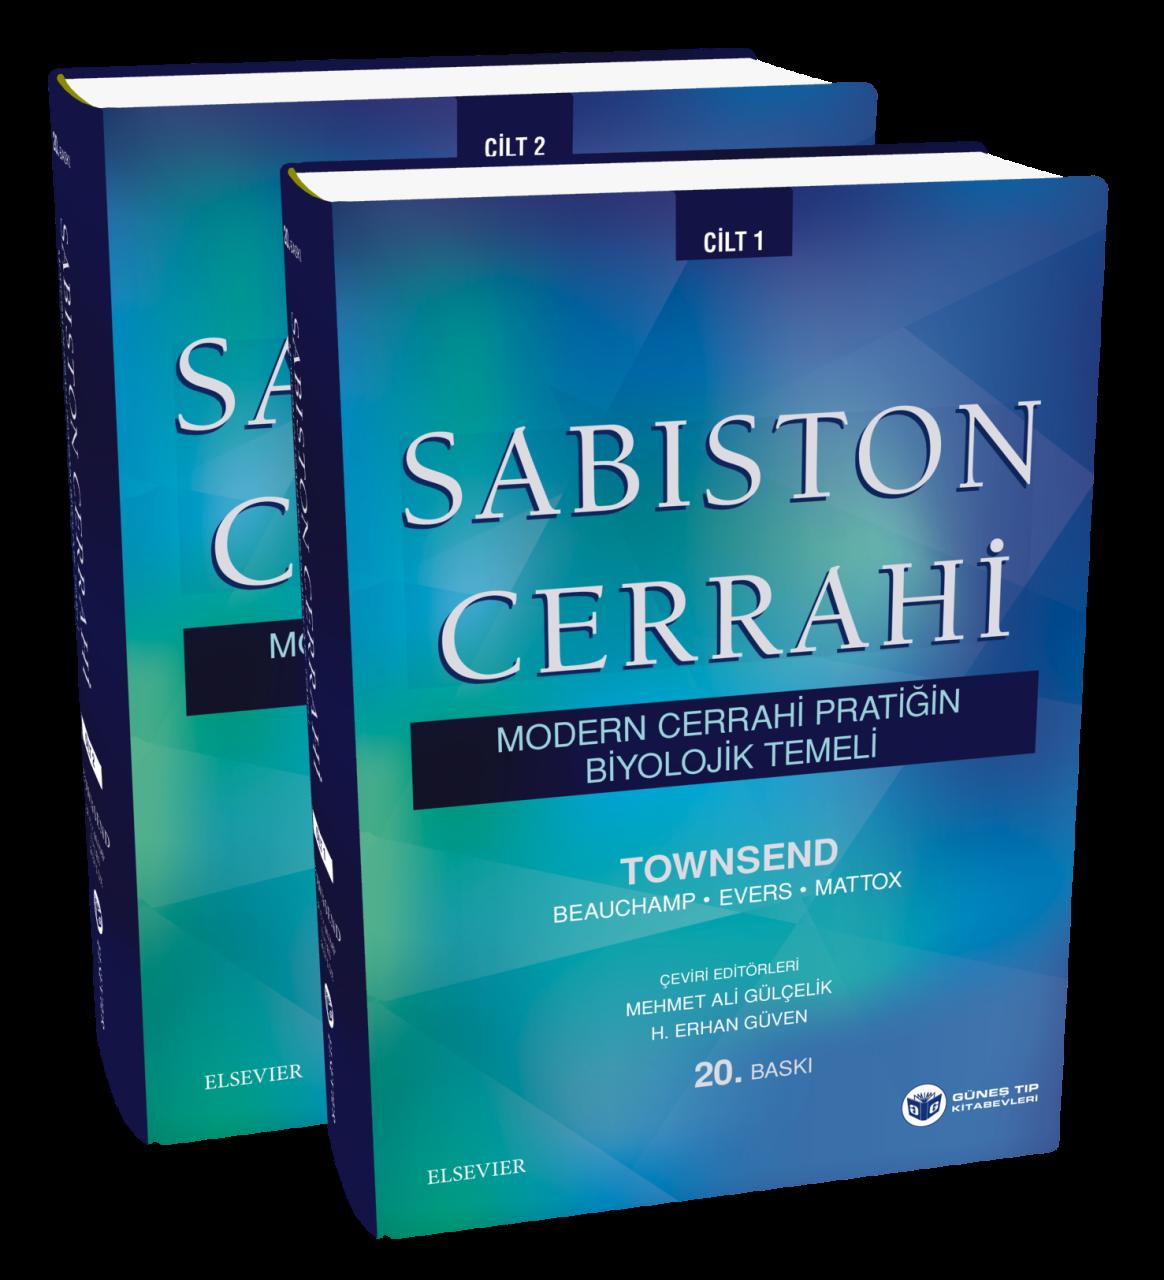 SABİSTON CERRAHİ - MODERN CERRAHİ PRATİĞİN BİYOLOJİK TEMELİ